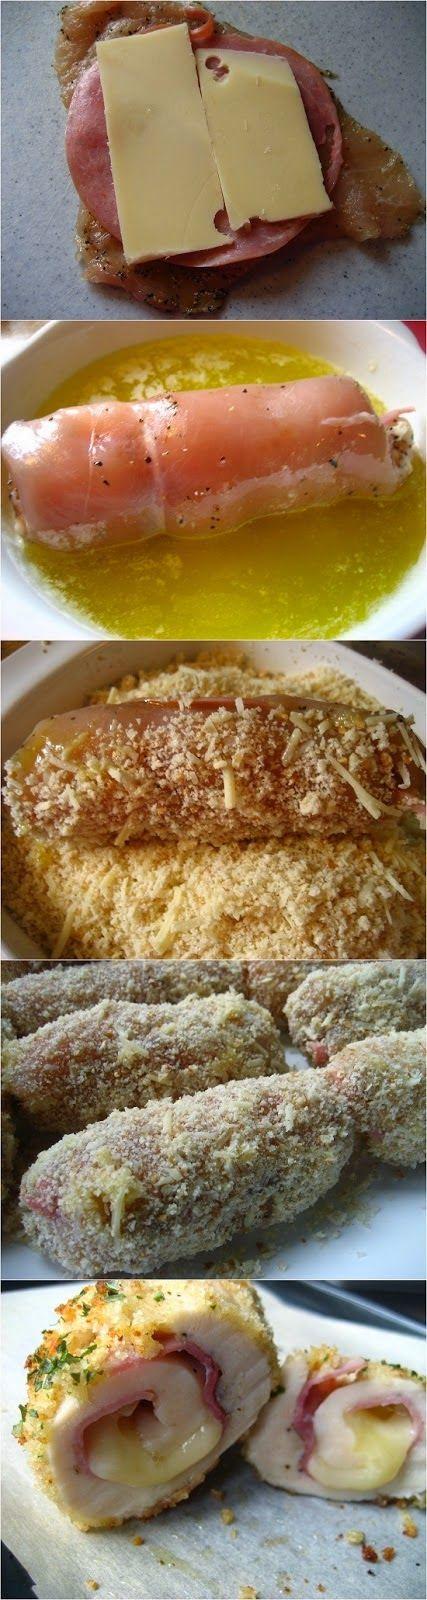 Easy Baked Chicken Cordon Bleu - eatagreatdeal